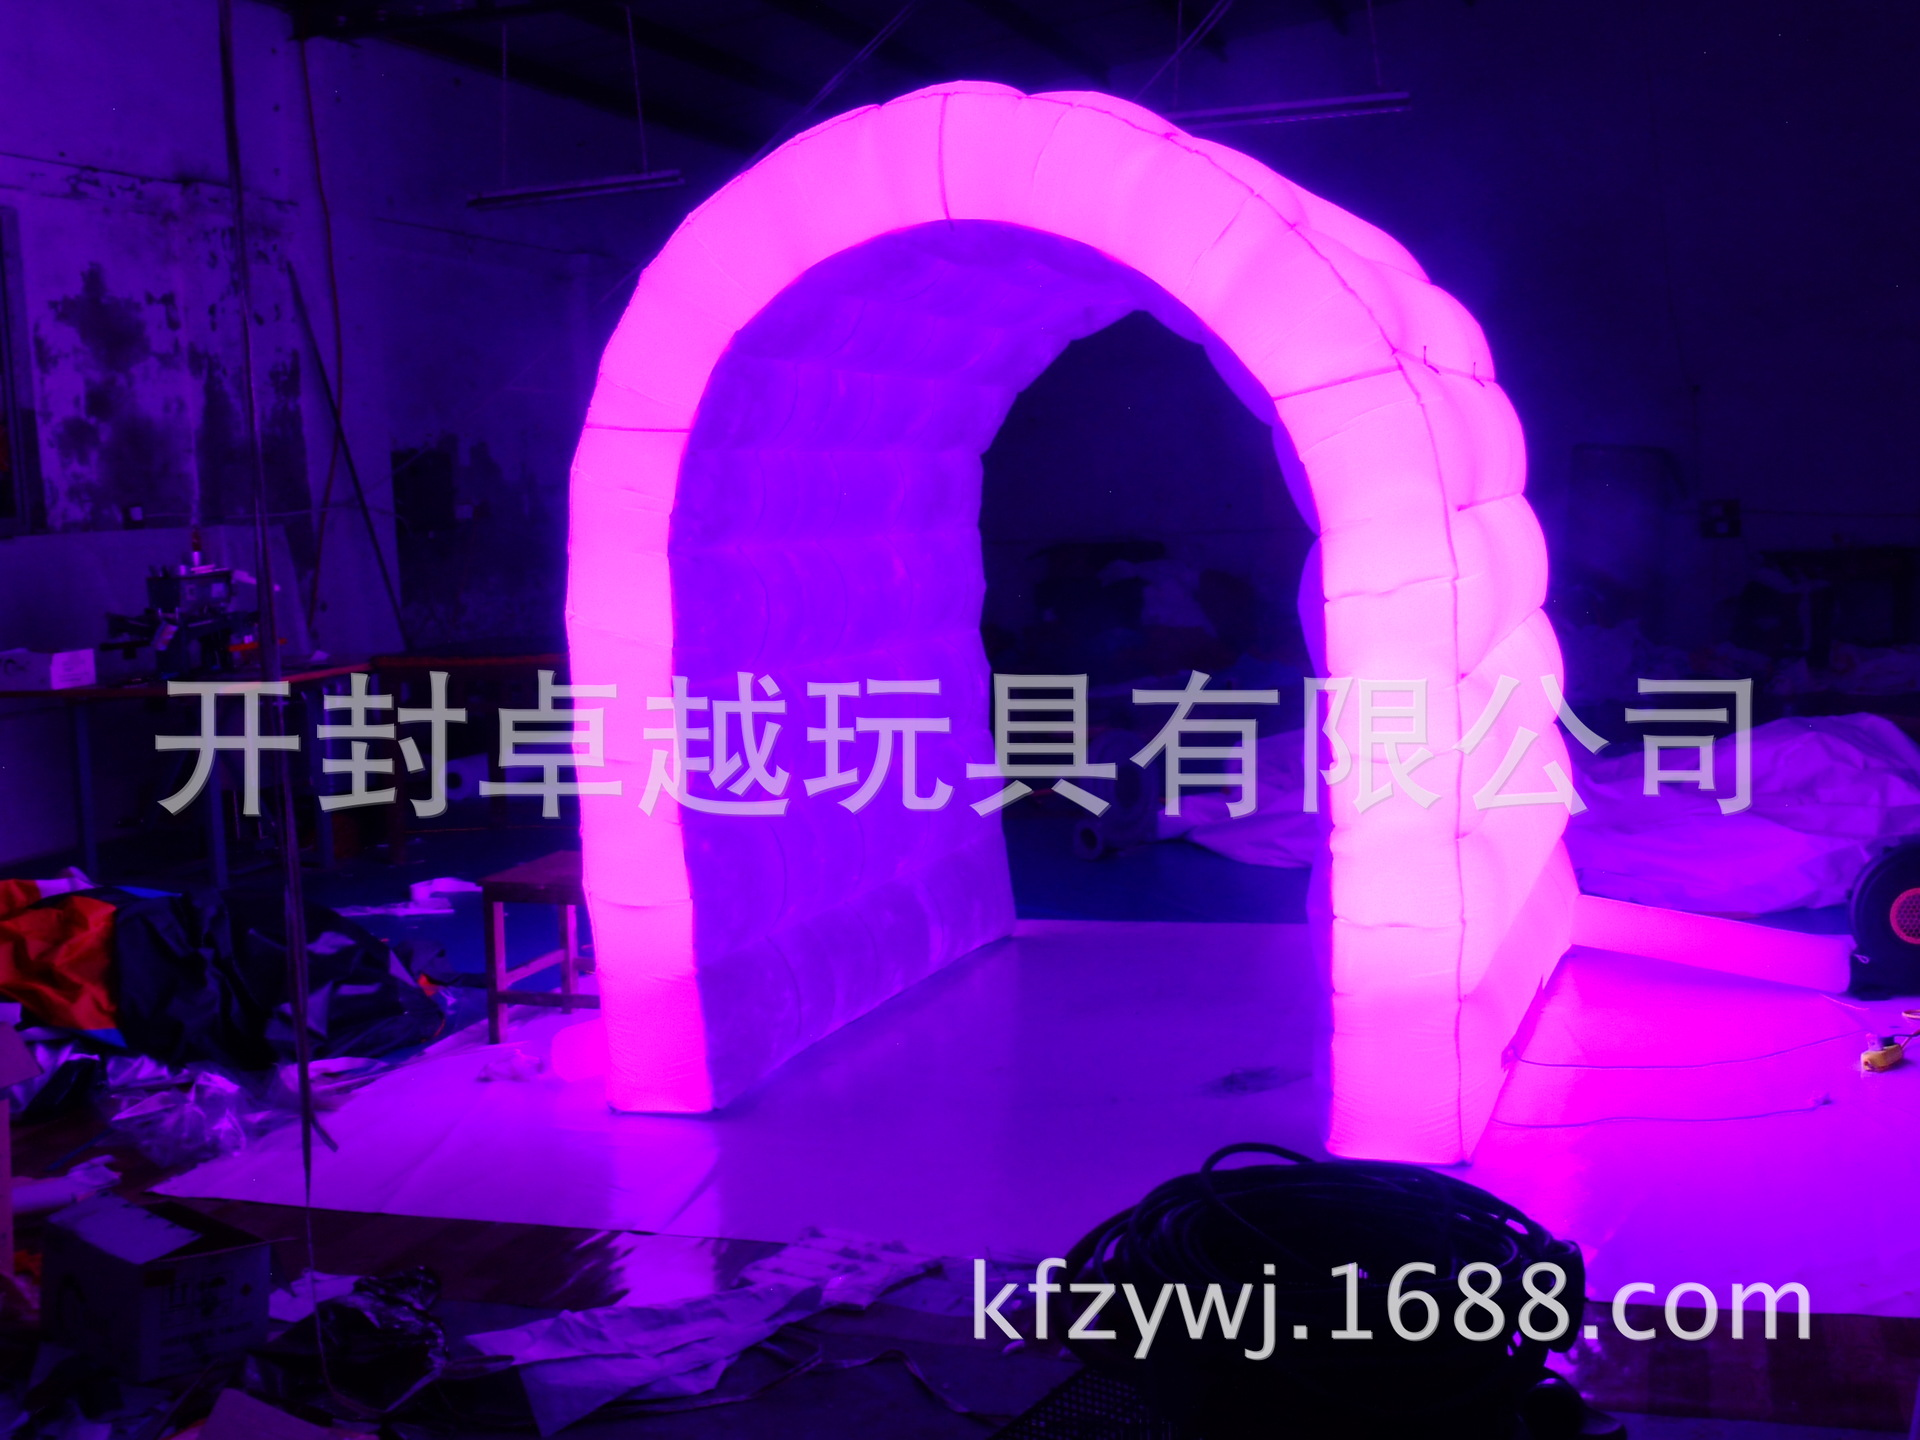 混批荧光帐篷 充气户外产品 展览天幕用品 游乐园广场设备